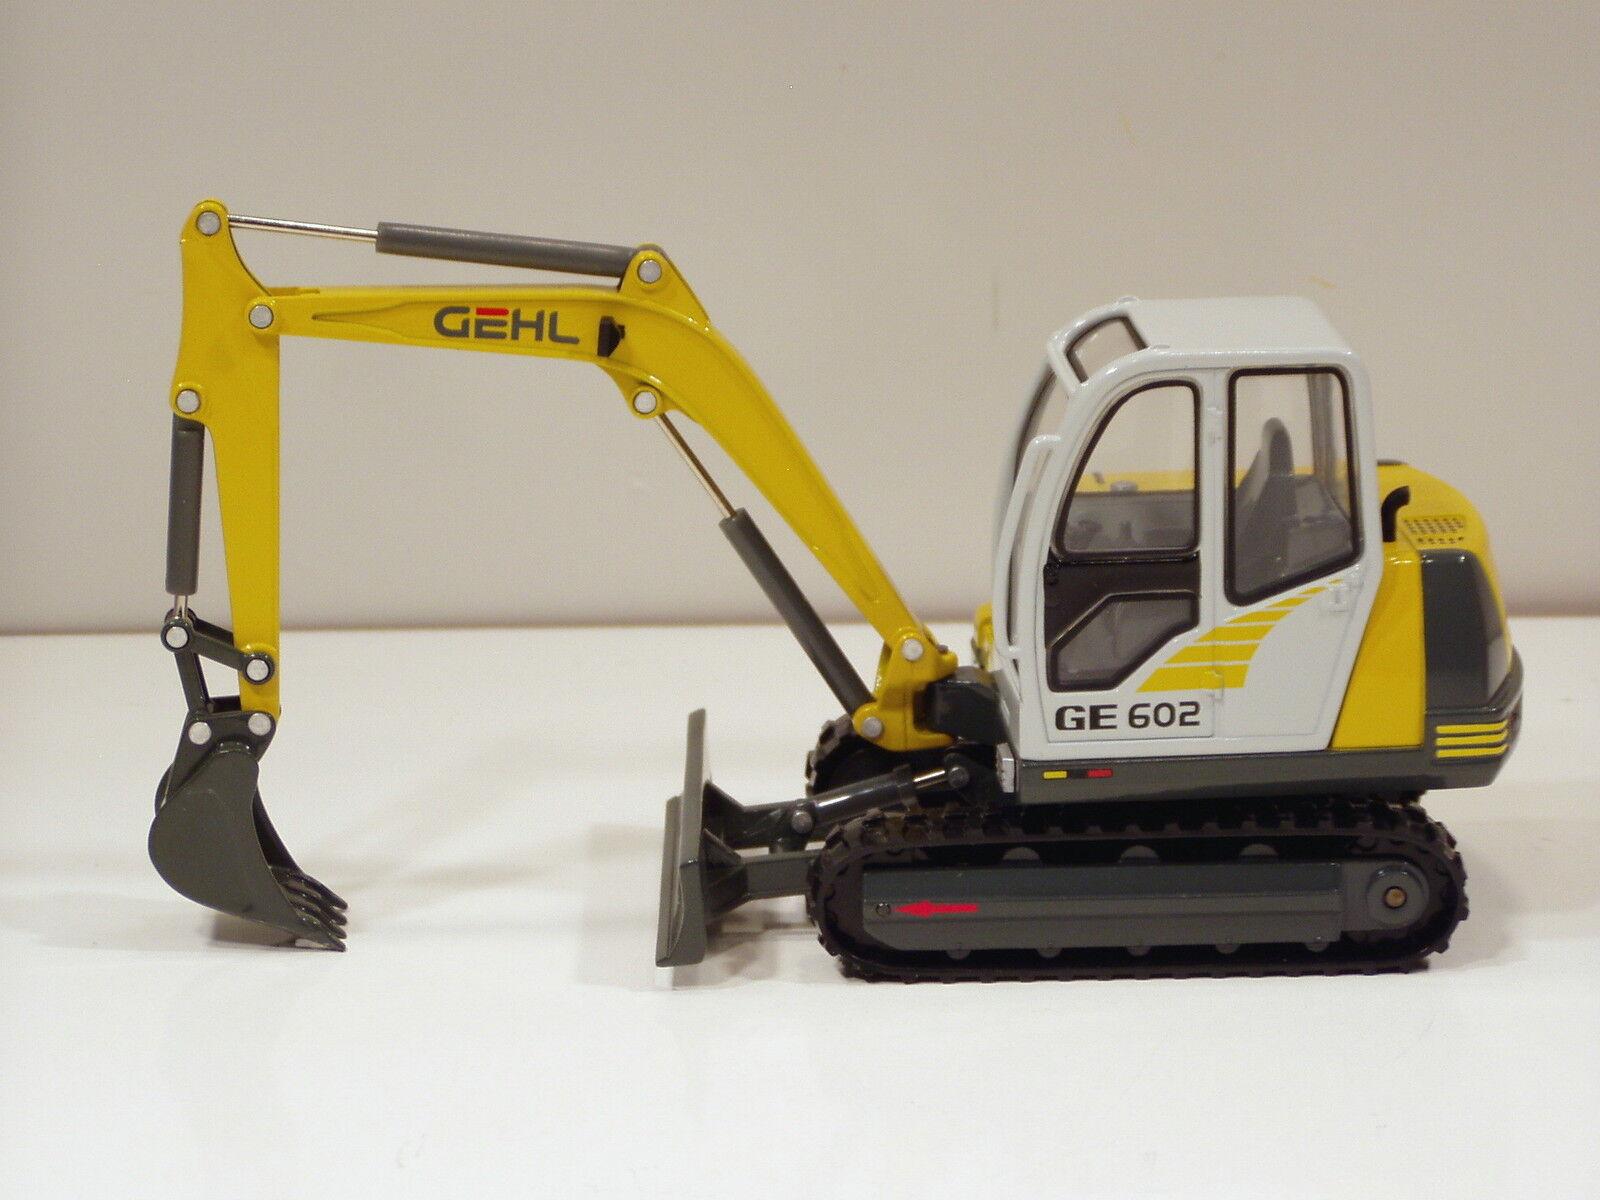 Gehl  GE602 Excavateur - 1 25 - Die Cast Promotions  908618 - Comme neuf IN BOX  sortie en ligne